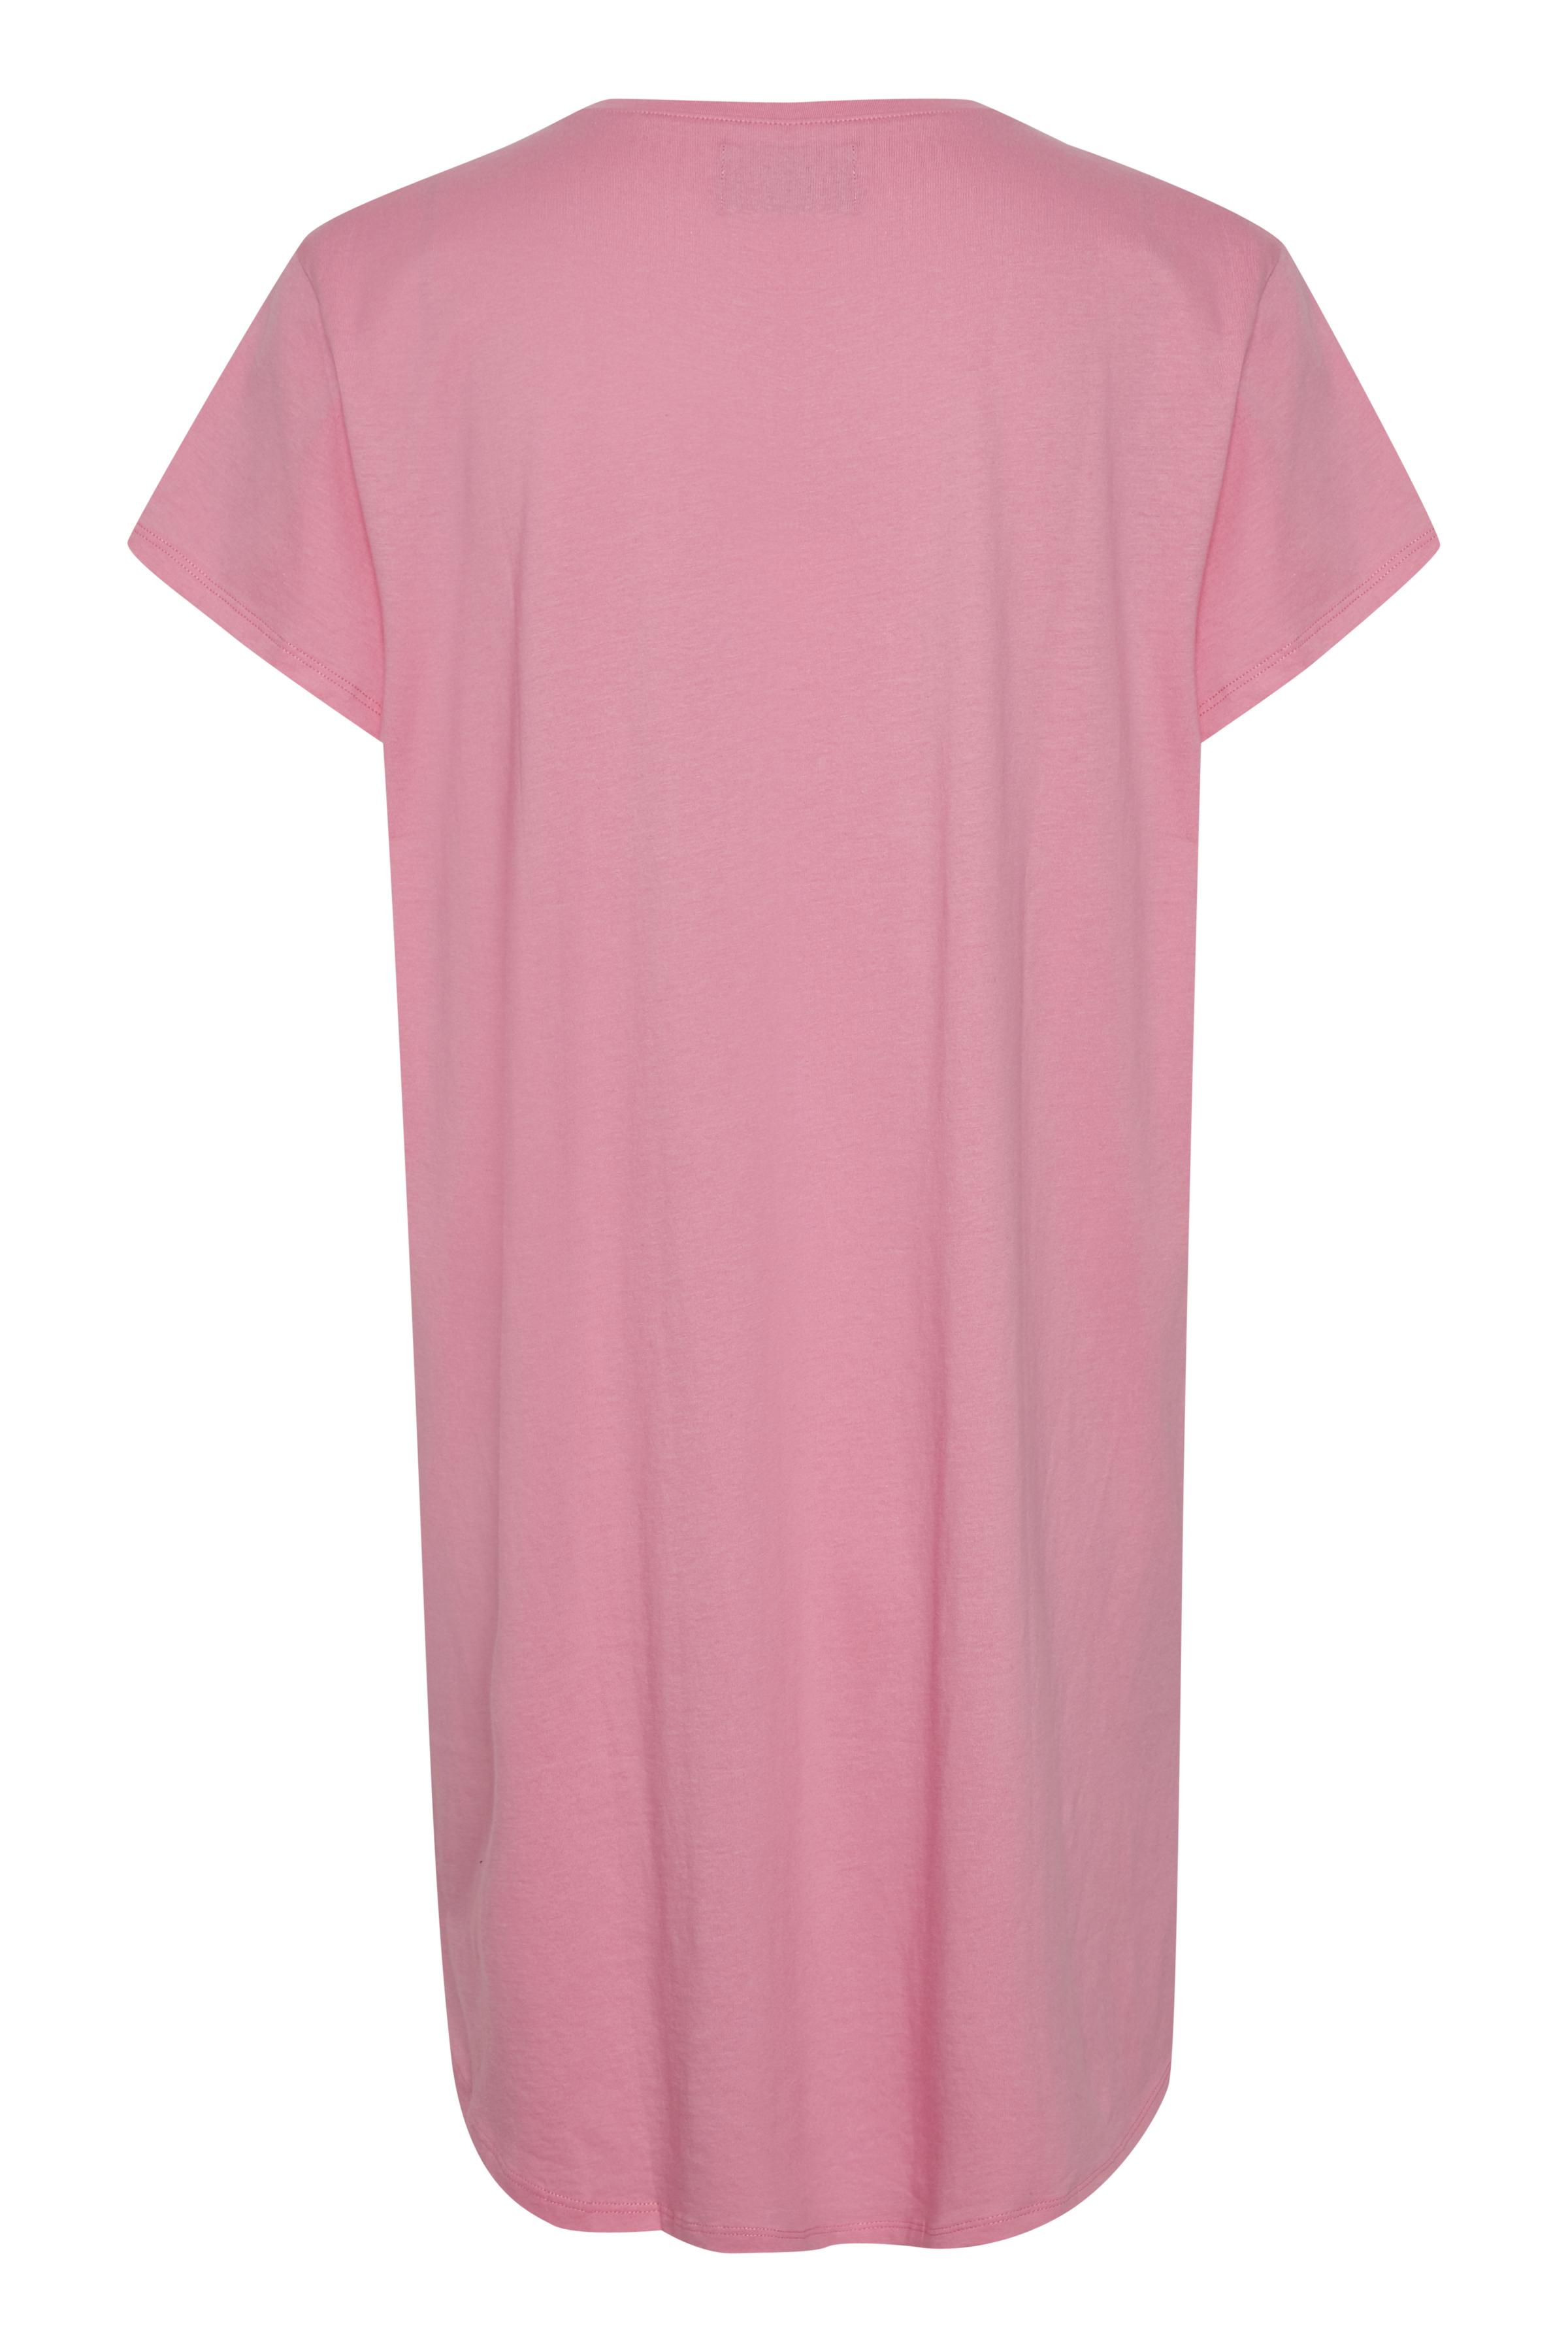 Støvet rosa Nattøj fra Triumph – Køb Støvet rosa Nattøj fra str. 36-48 her